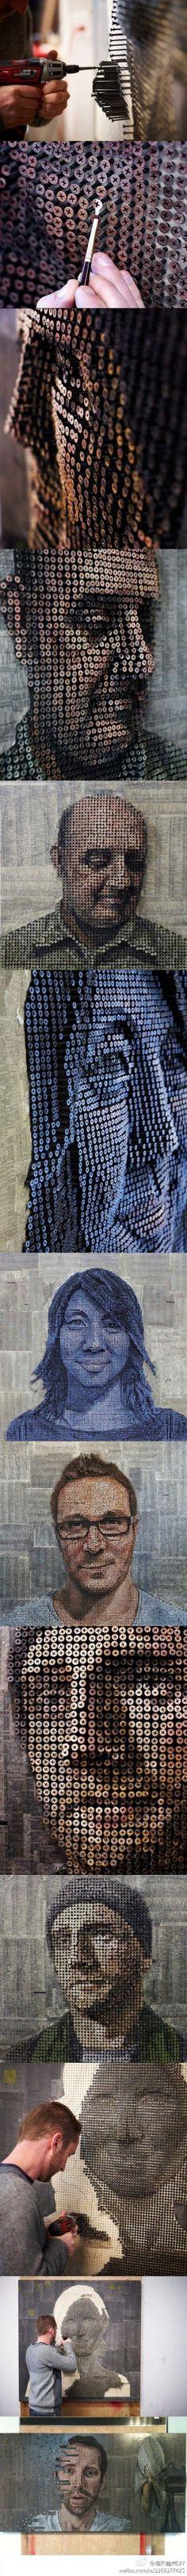 3d portrait, andrew myer, screw, nail arts, nails, artist, sculptur, portraits, amaz 3d